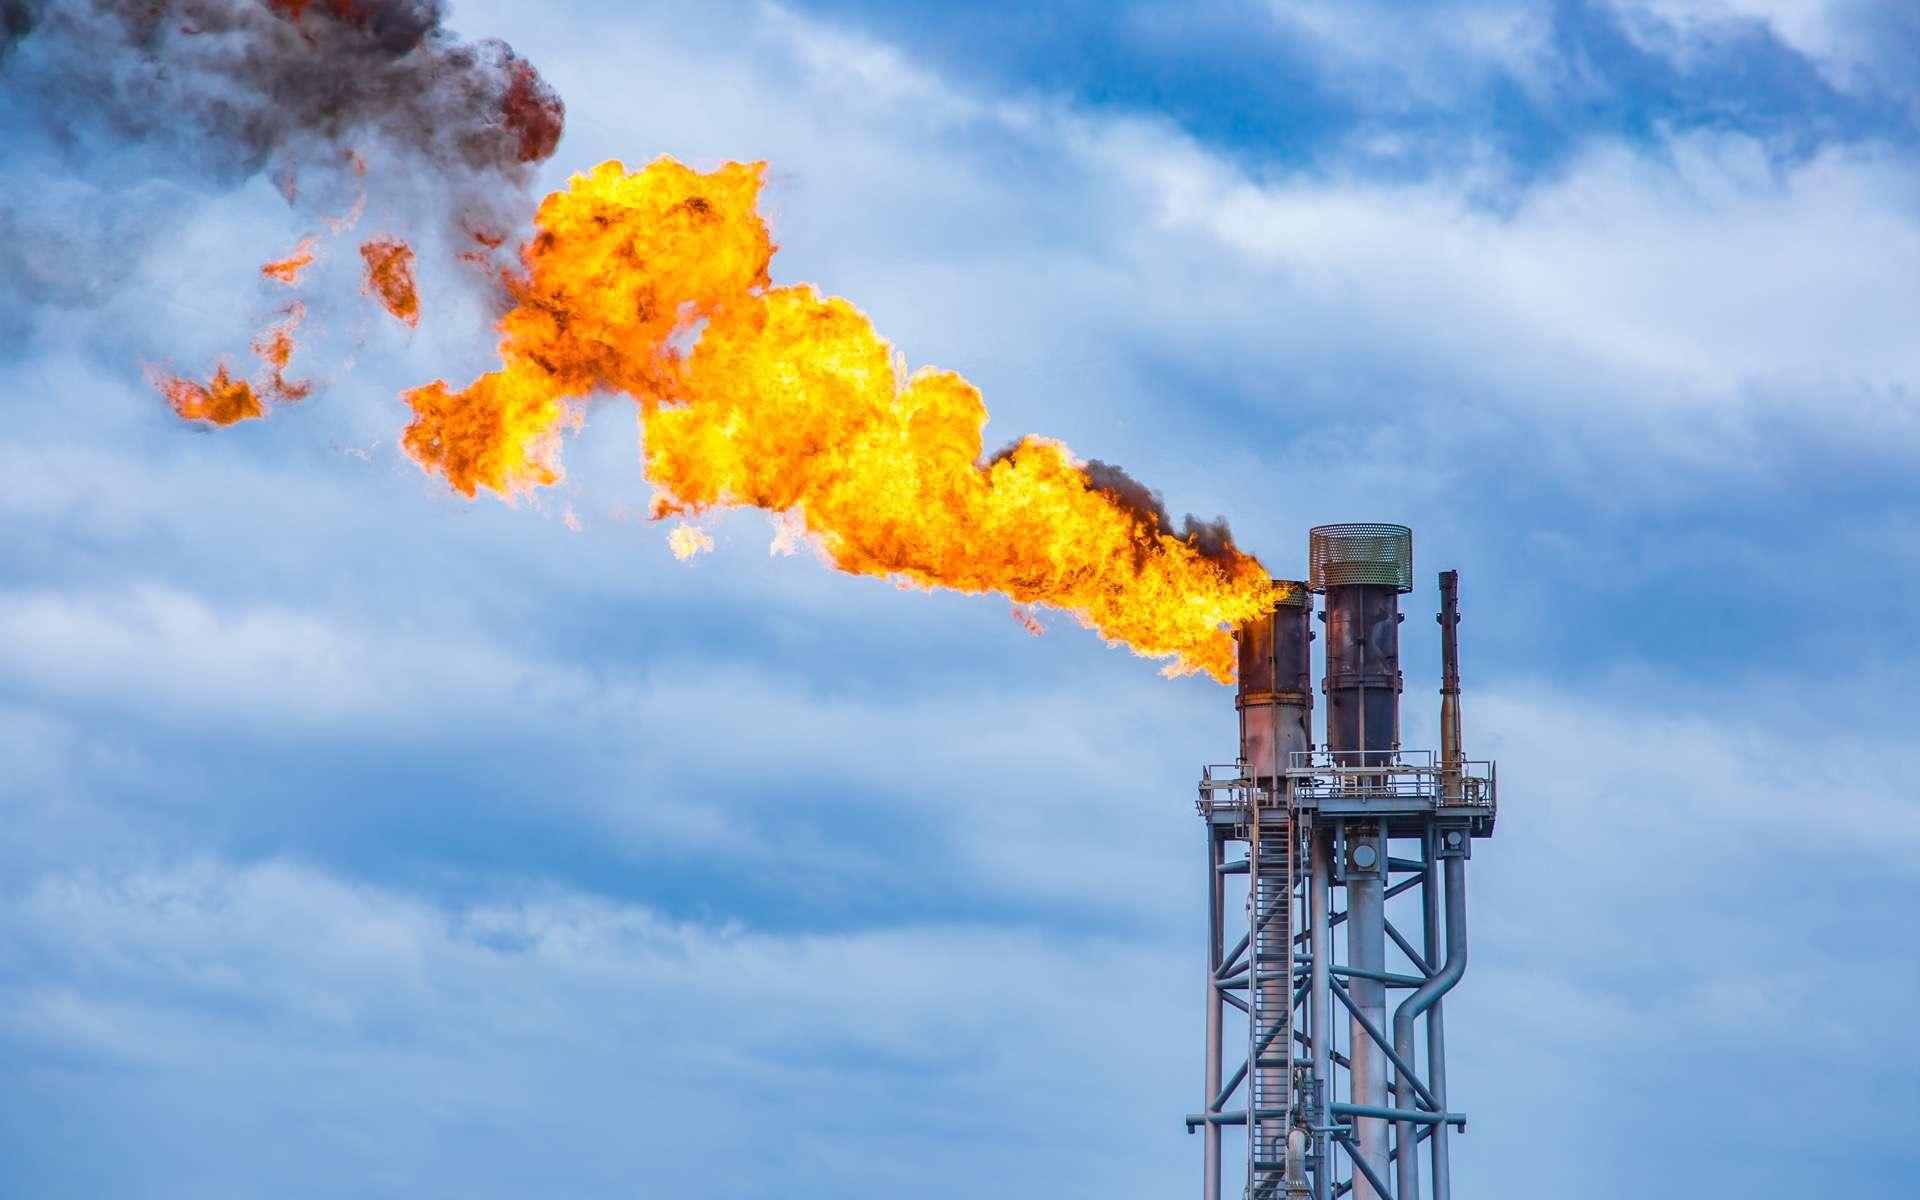 Le gaz des torches gaspillé est-il la solution pour créer des cryptomonnaies ? © pichitstocker, Adobe Stock